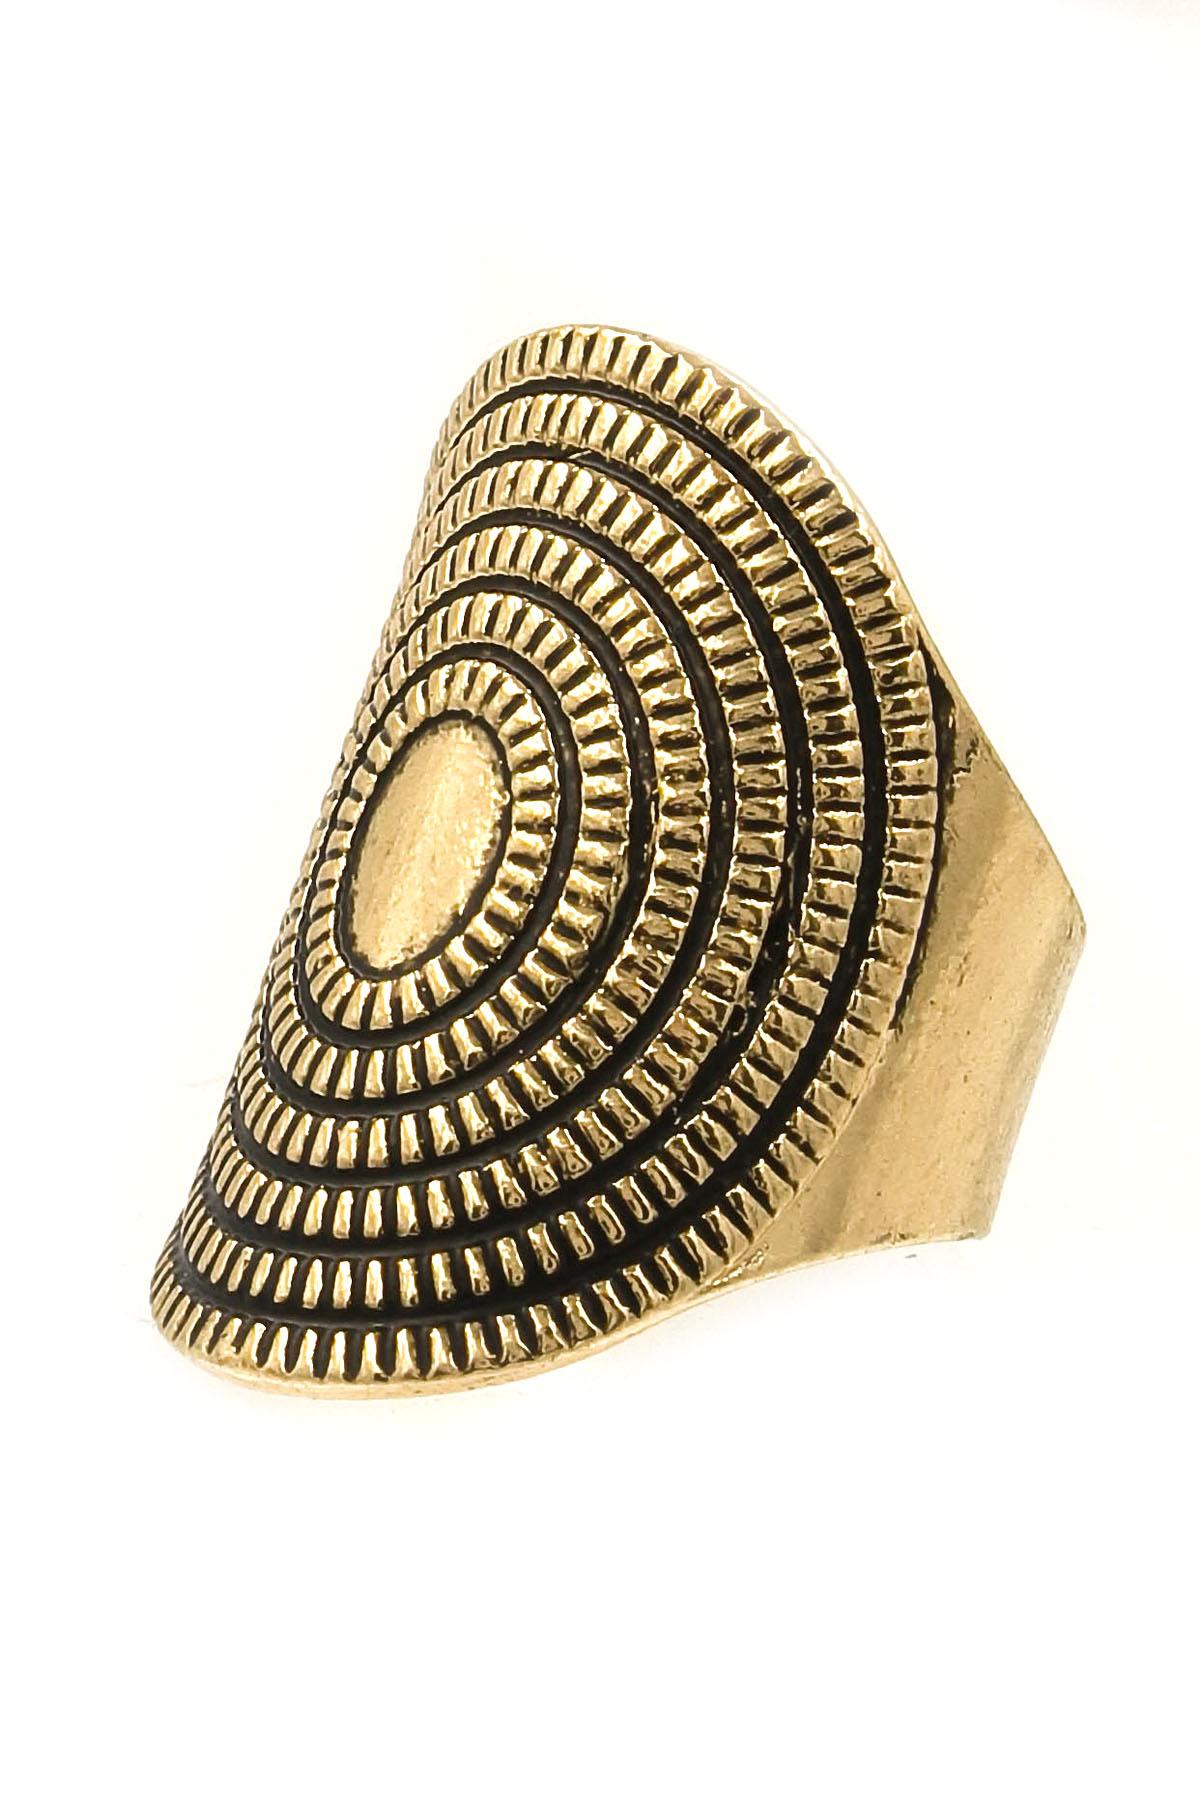 Textured Metal Ring - Rings